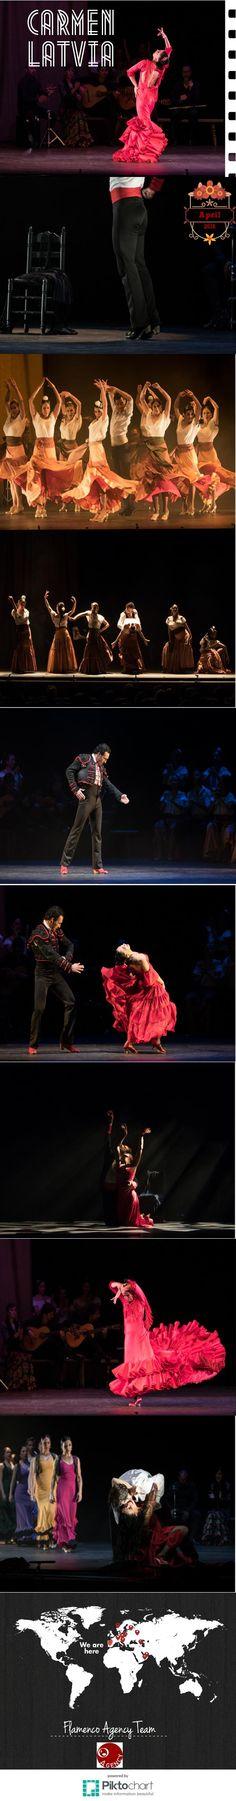 Resumen espectáculo Latvia April 2016 For more content: https://failiem.lv/u/w77m33gr?share_email_id=398e41 #flamenco #ballet #carmen #bizet